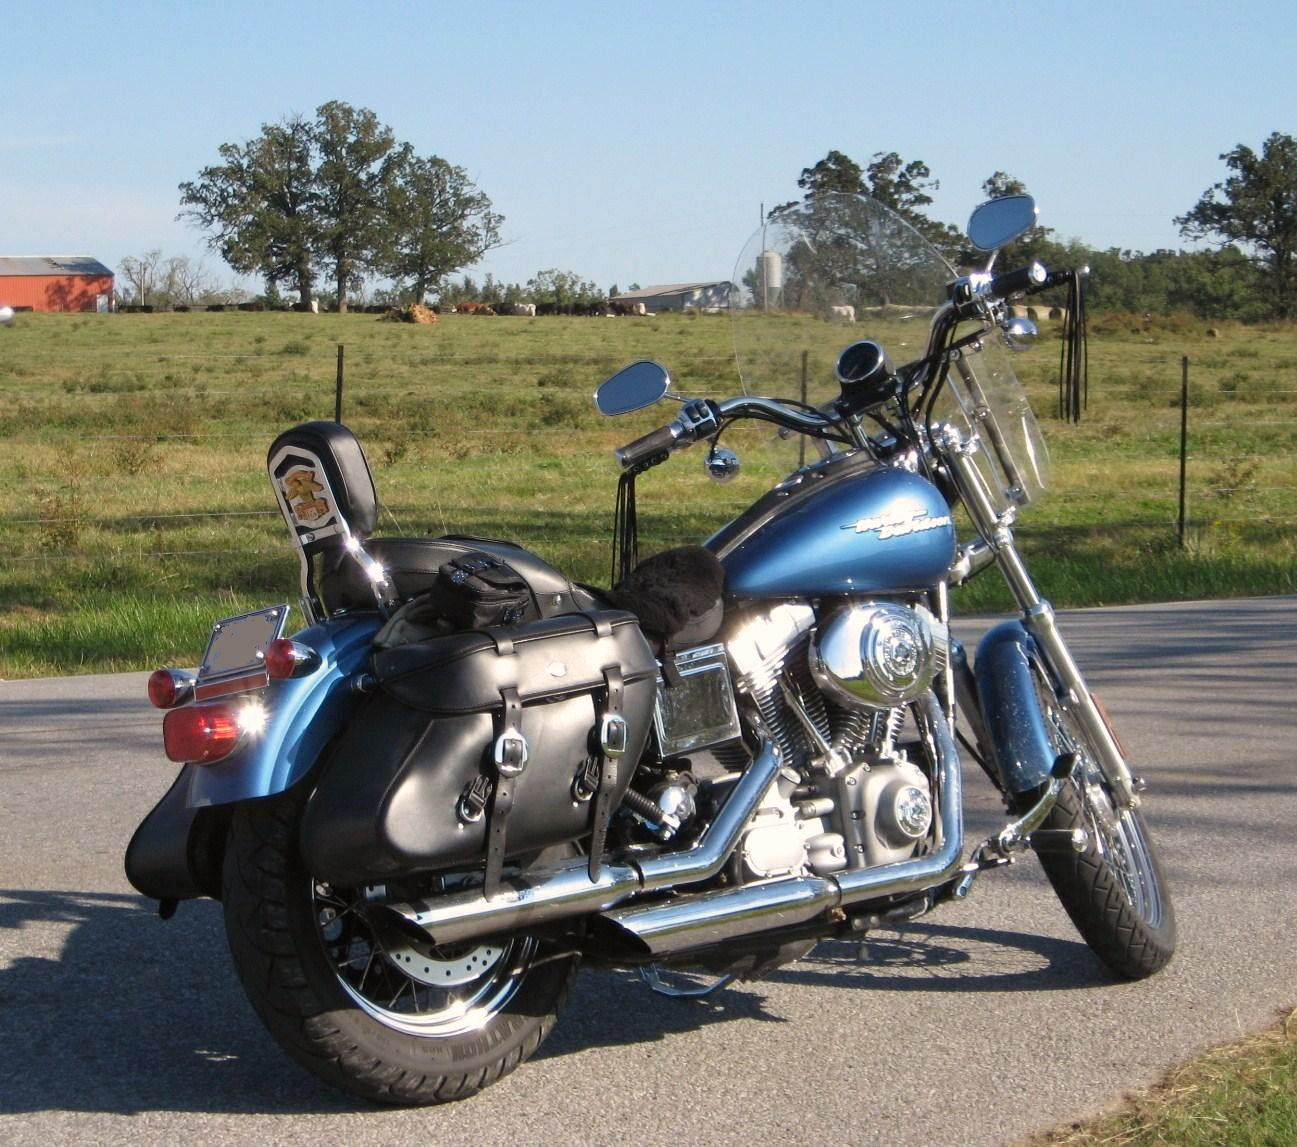 Leather Saddlebag question - Page 2 - Harley Davidson Forums